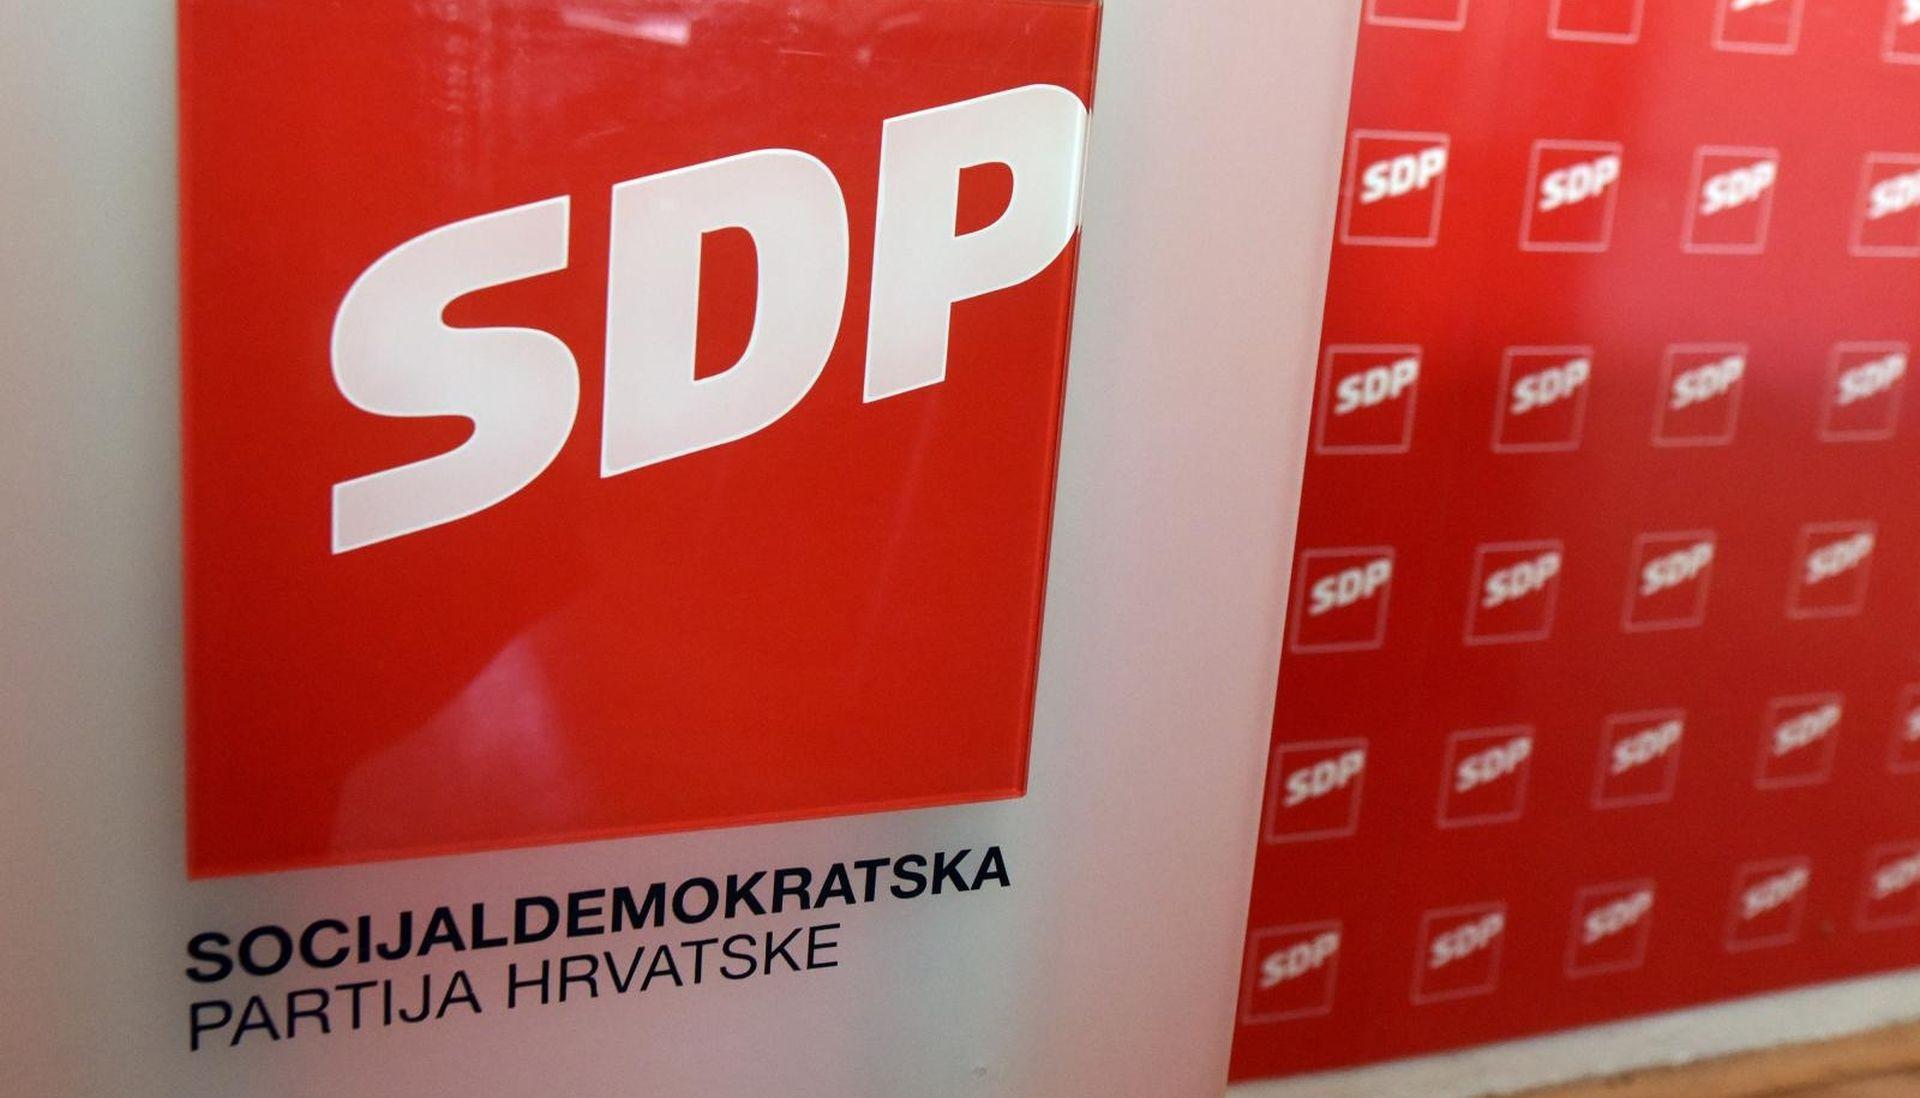 """SDP TVRDI """"Dvostruko smo jači od Živog zida"""""""